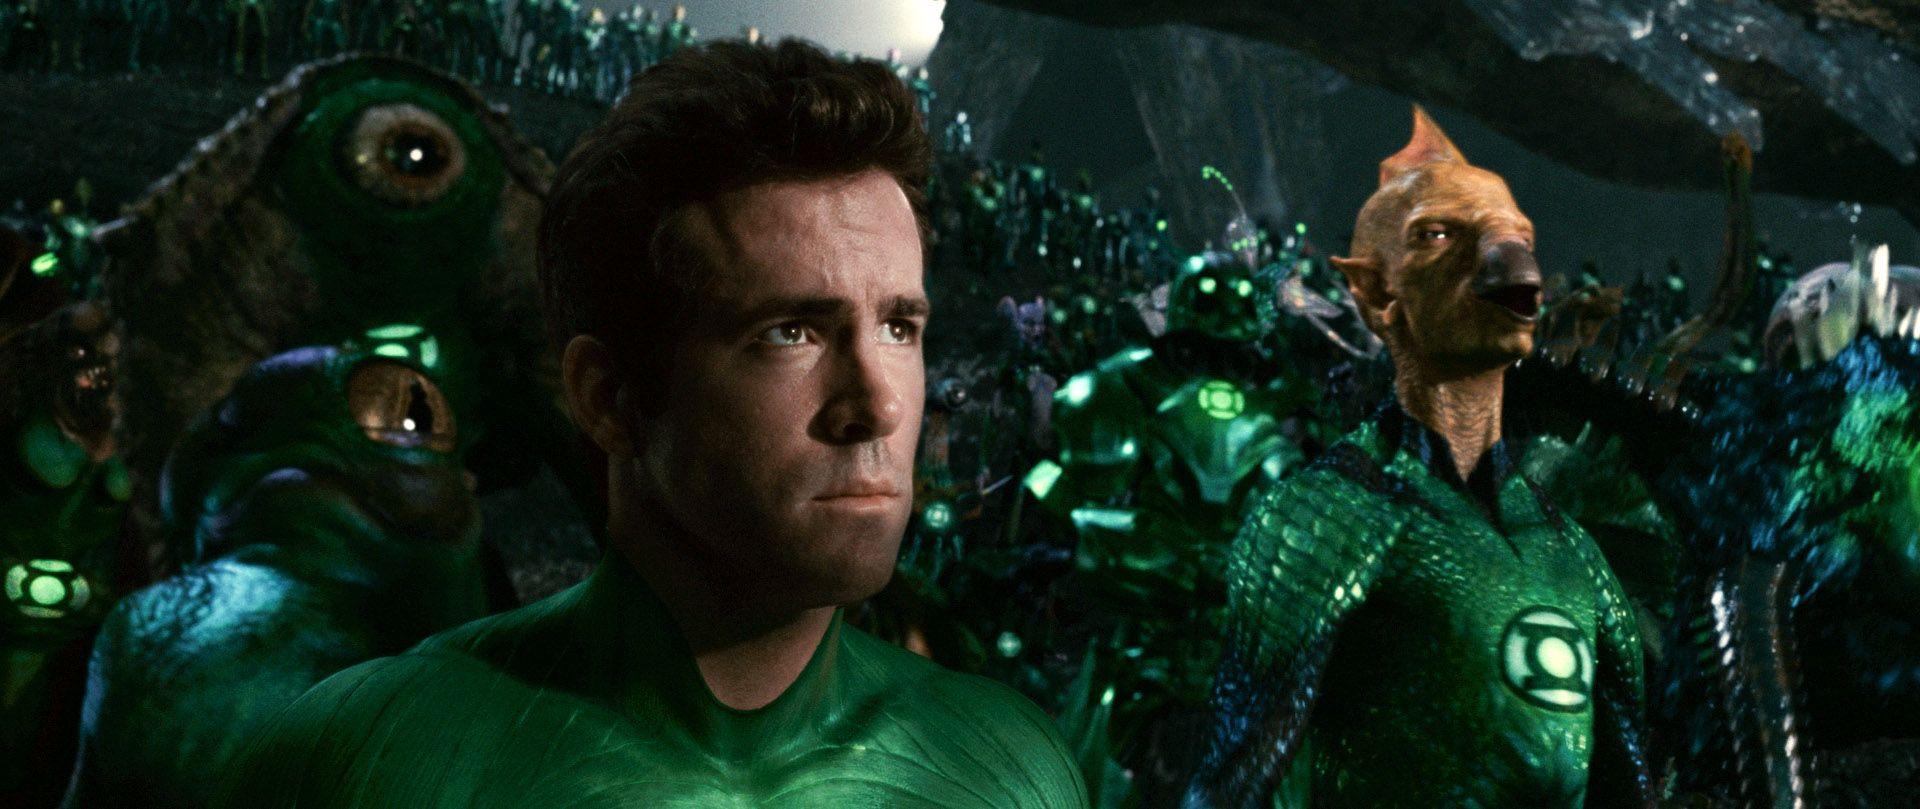 green lantern film free download